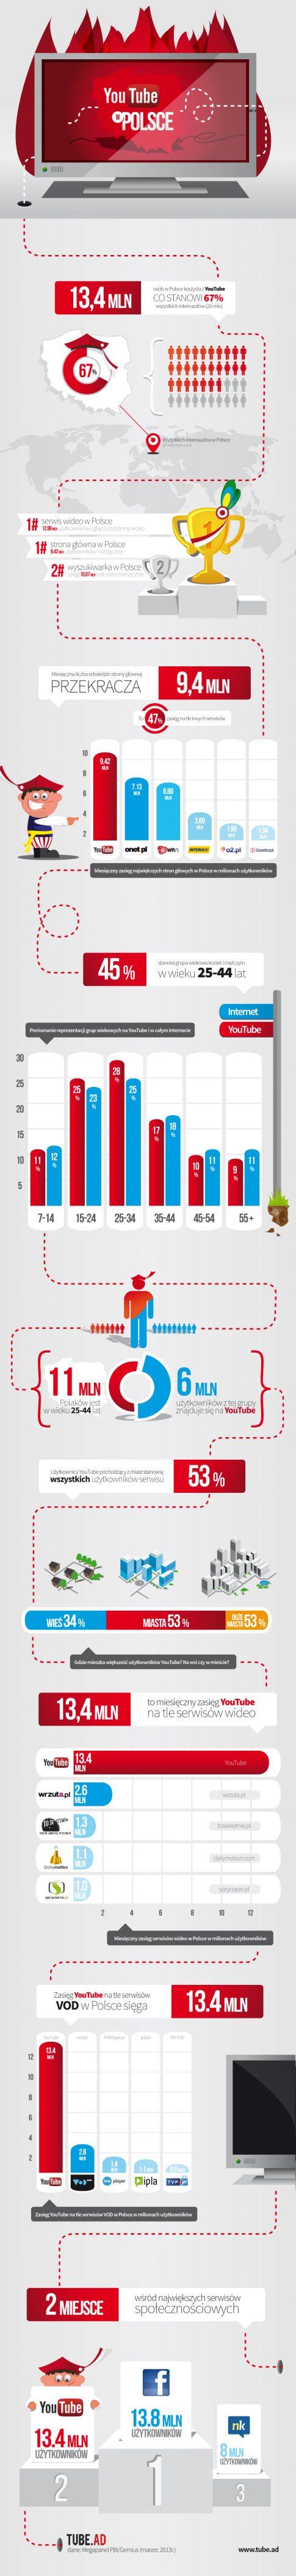 YouTube w Polsce - infografika Tube.ad